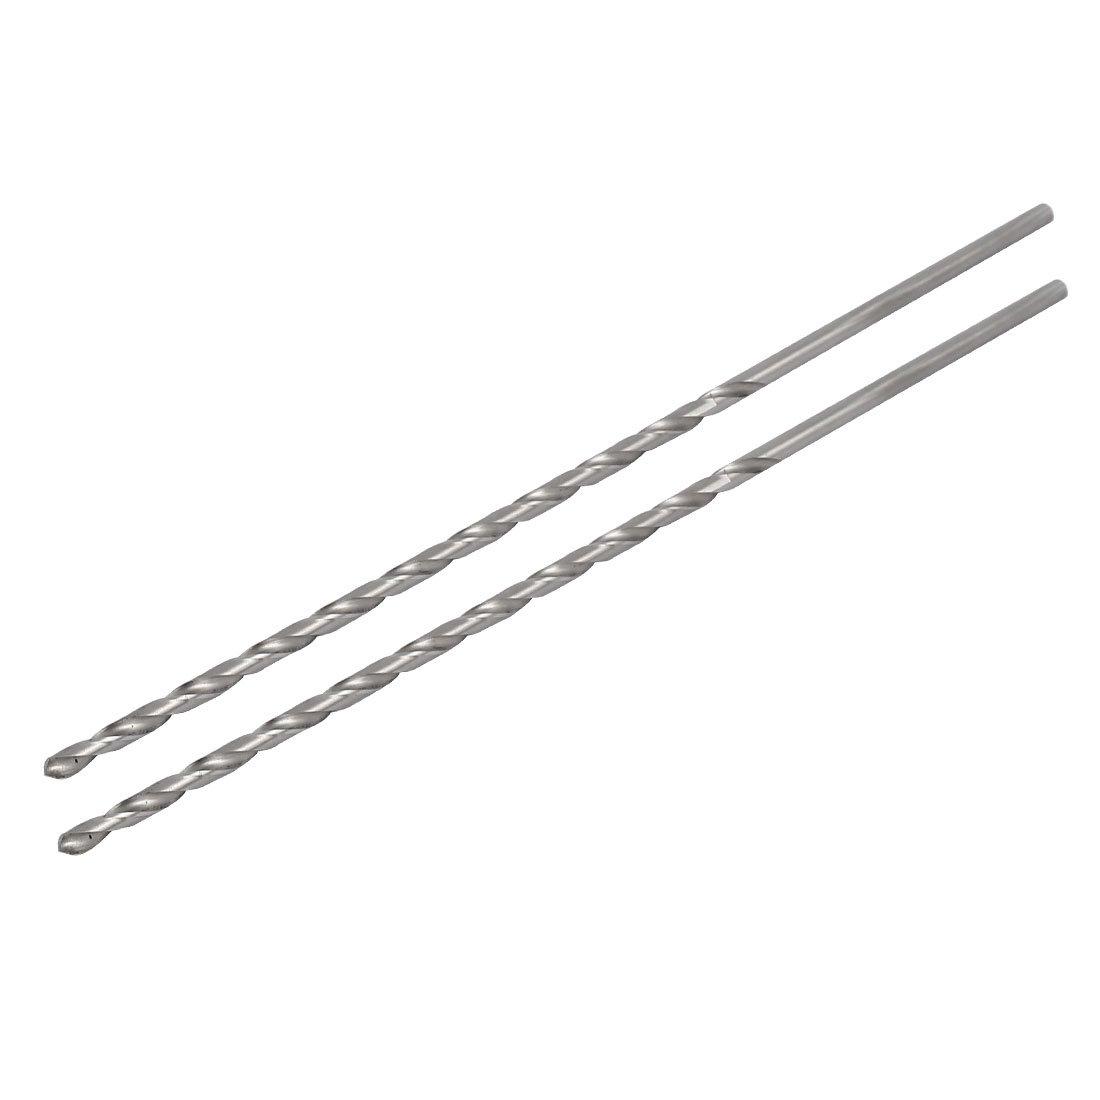 sourcingmap® 6mm Dia 300mm Long HSS Straight Round Shank Twist Drill Bit Drilling Tool 2pcs US-SA-AJD-281374